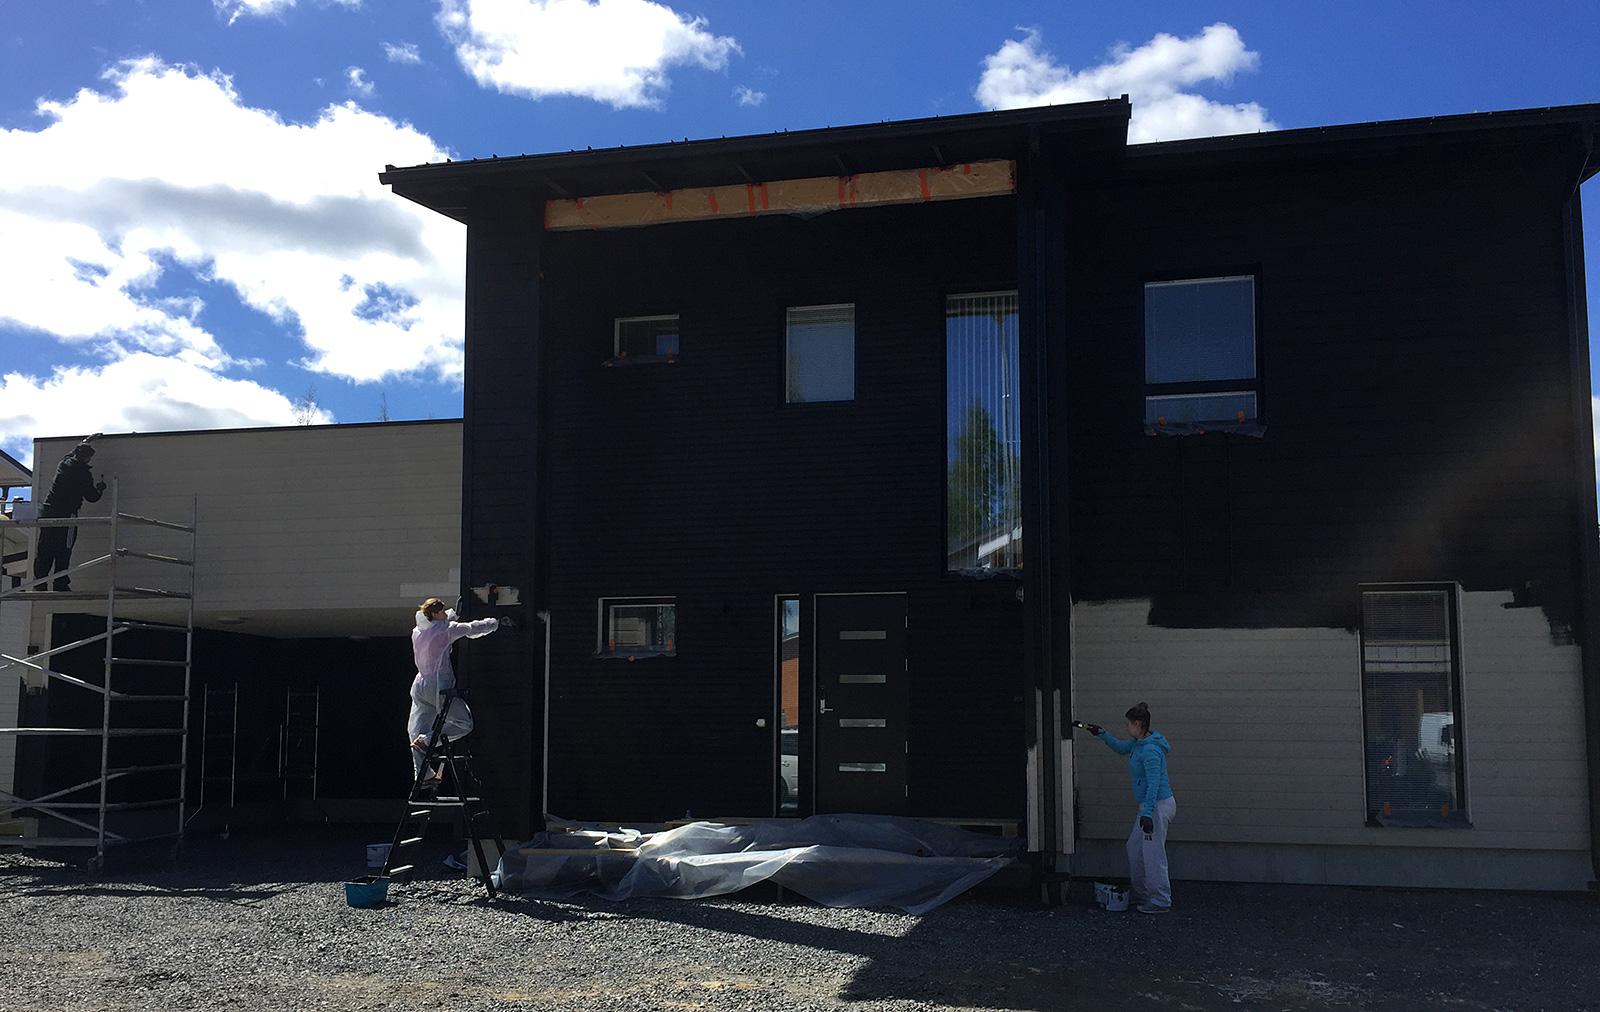 Maalaustalkoot - uuden talon maalaus